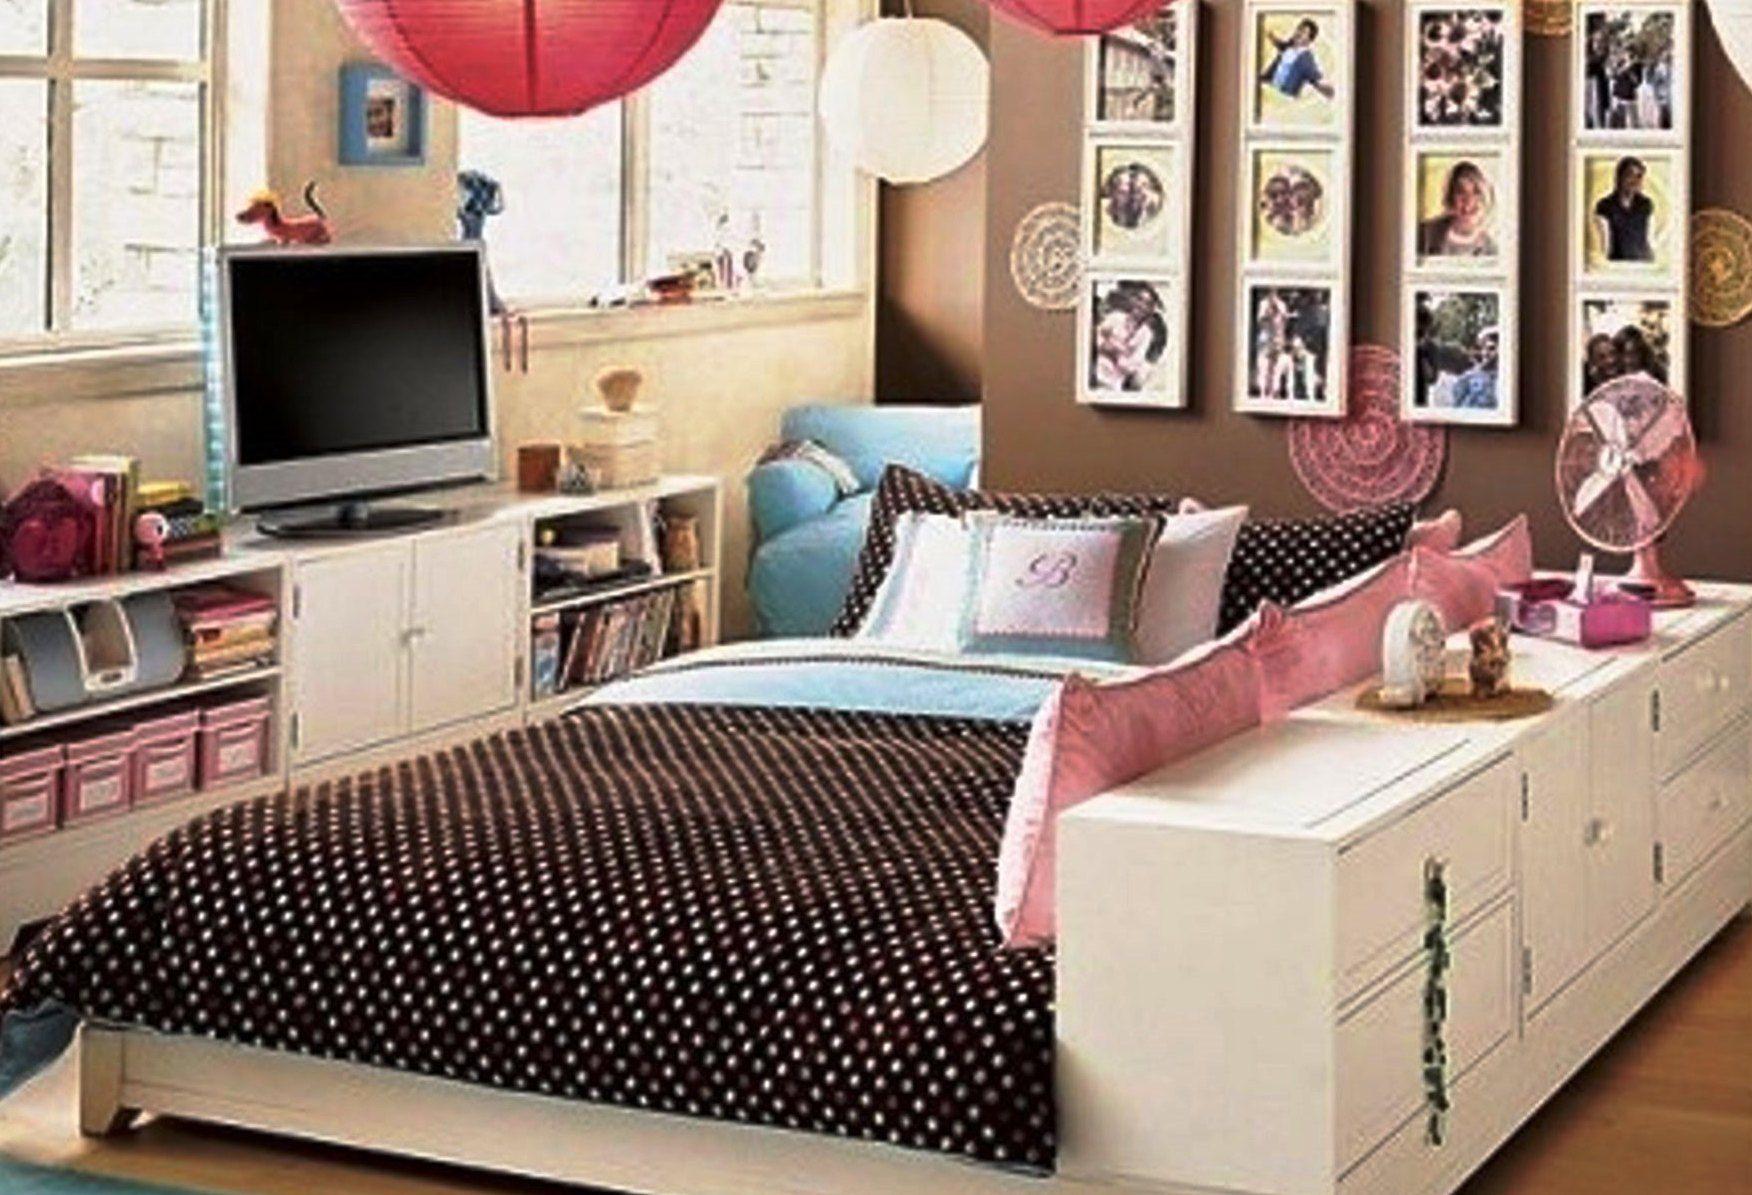 Coole Deko Ideen und Farbgestaltung fürs Schlafzimmer | Room